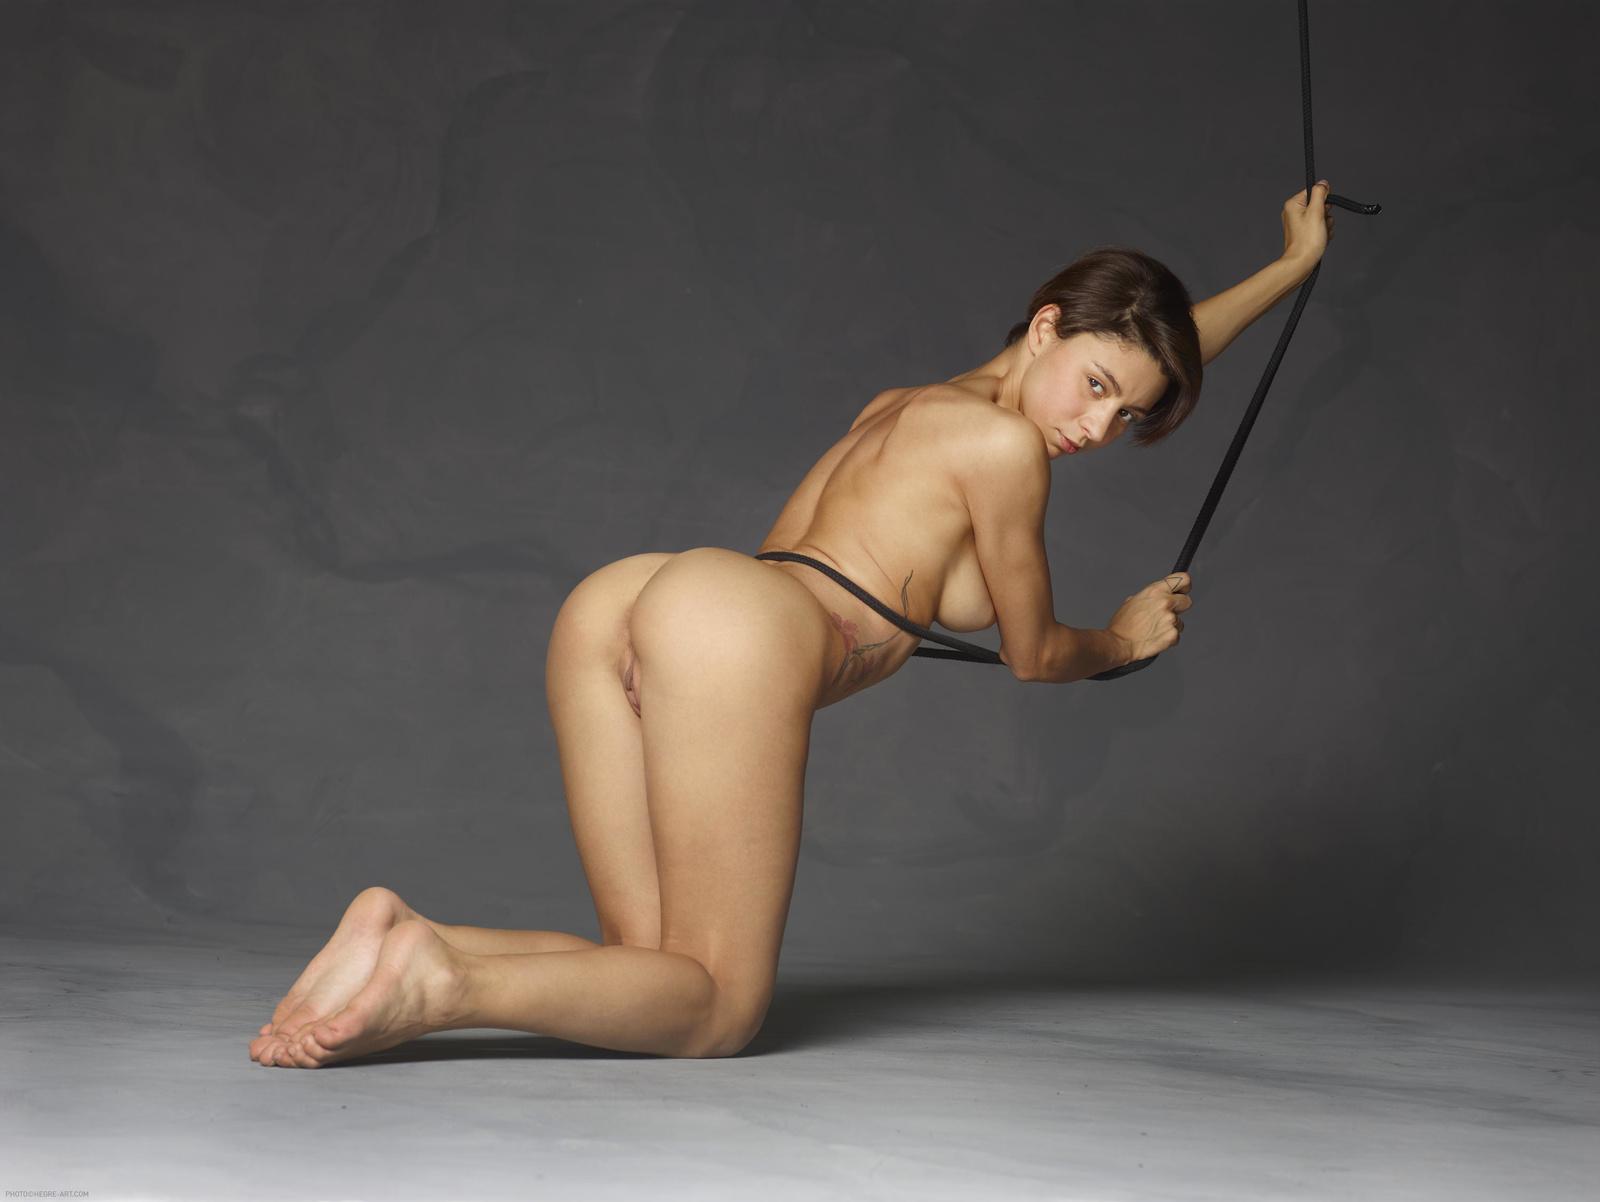 Zdjęcie porno - 1610 - Wygimnastykowana kobieta